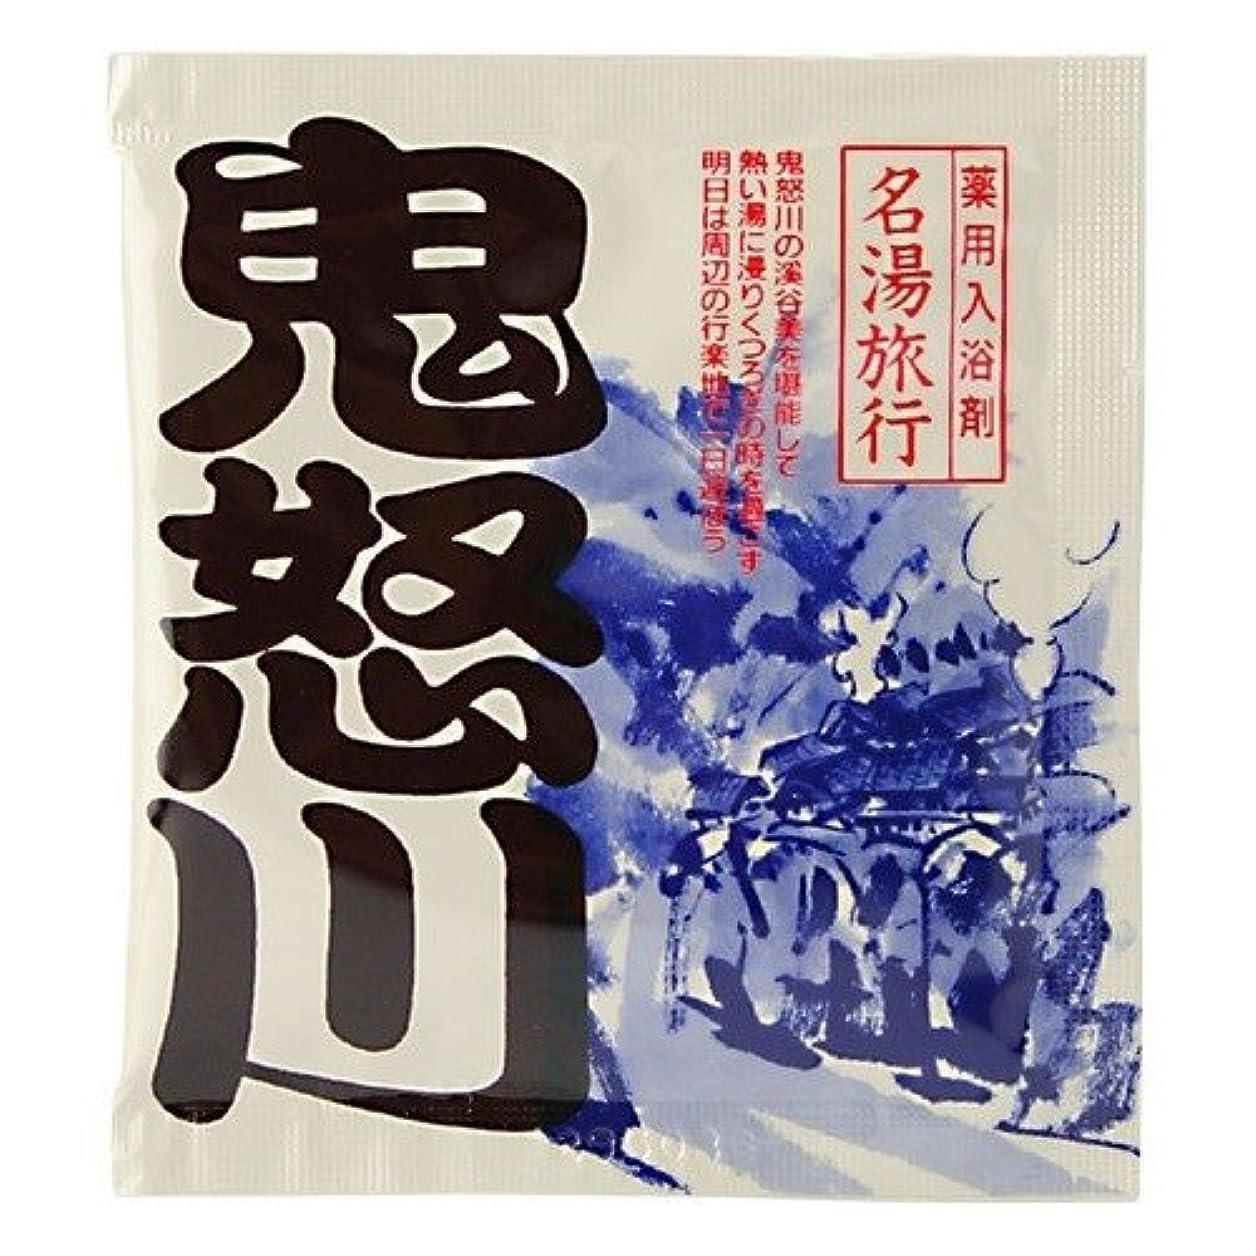 ラッドヤードキップリングスズメバチタンカー五洲薬品 名湯旅行 鬼怒川 25g 4987332126706